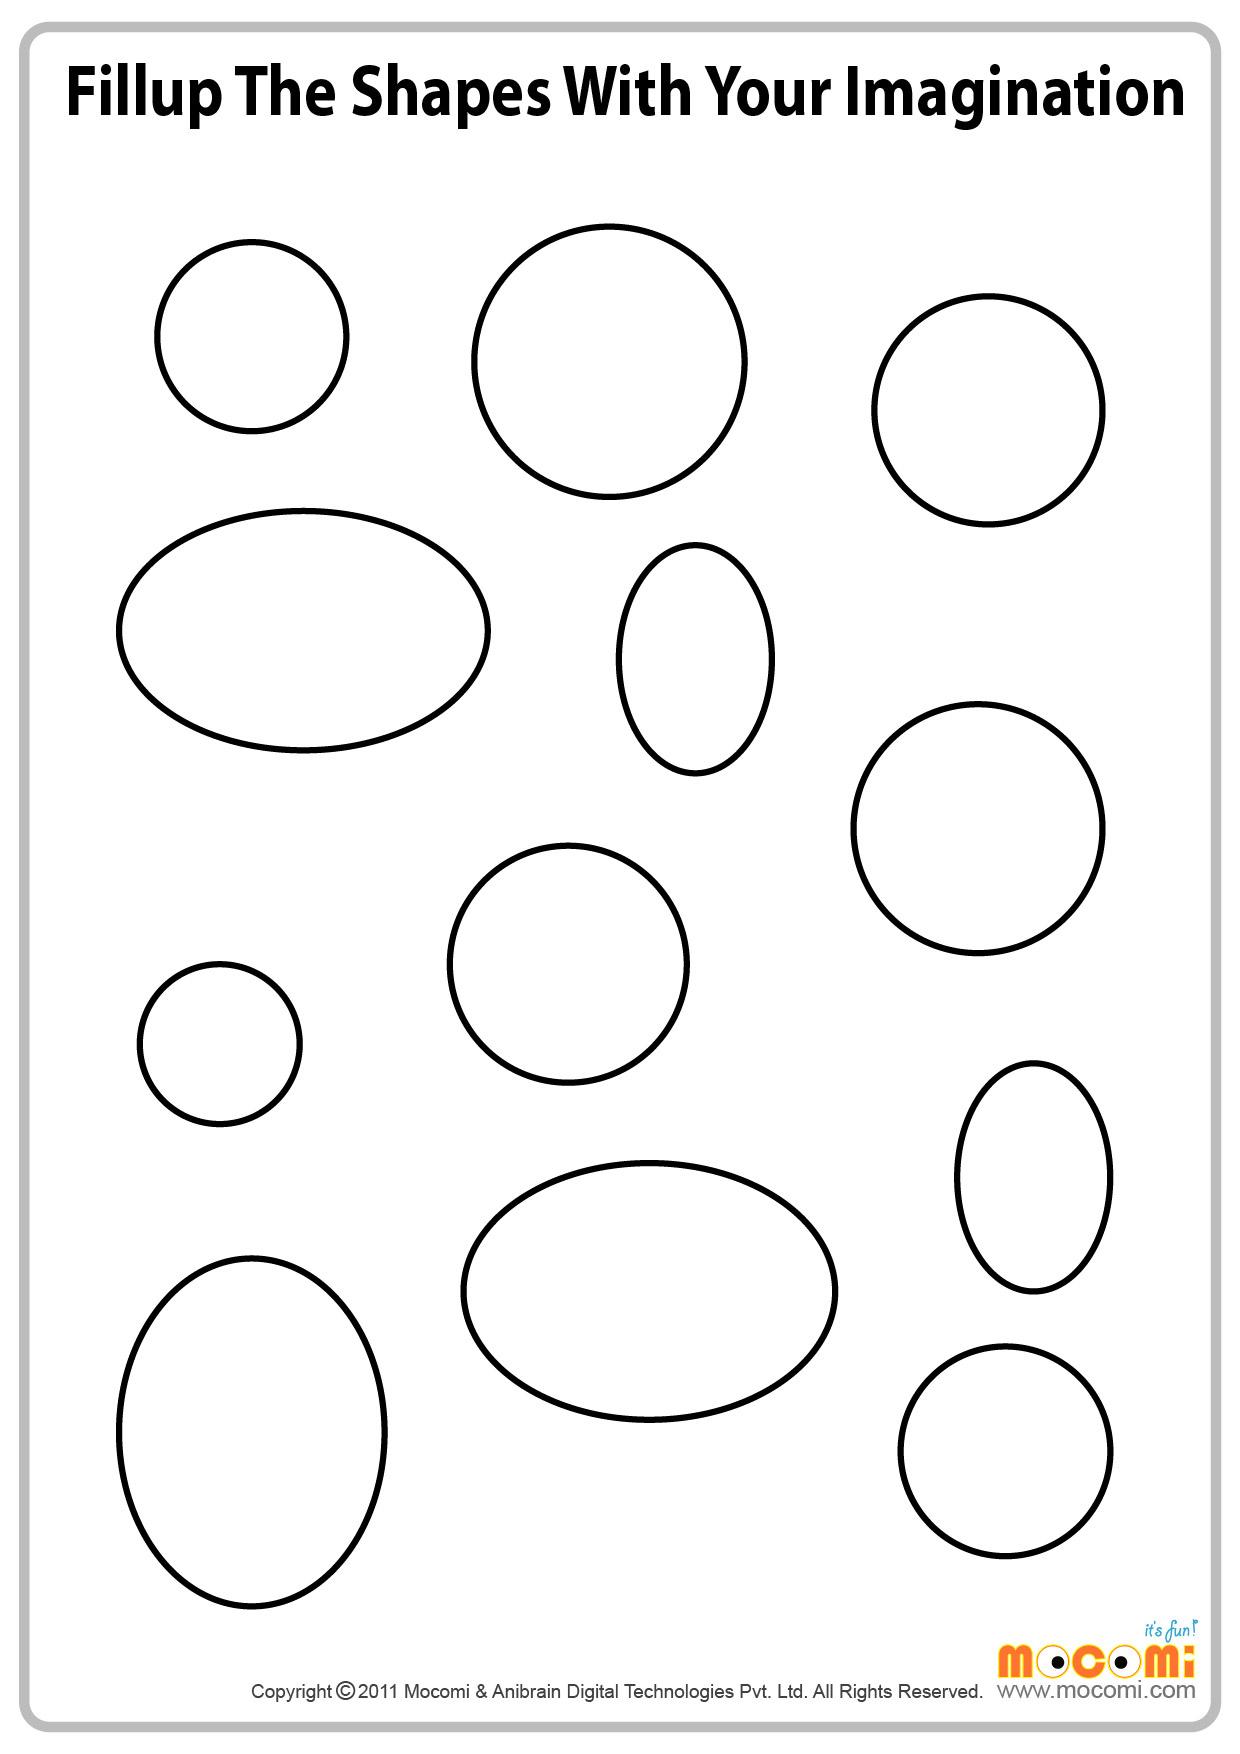 Imagining shapes (IV)